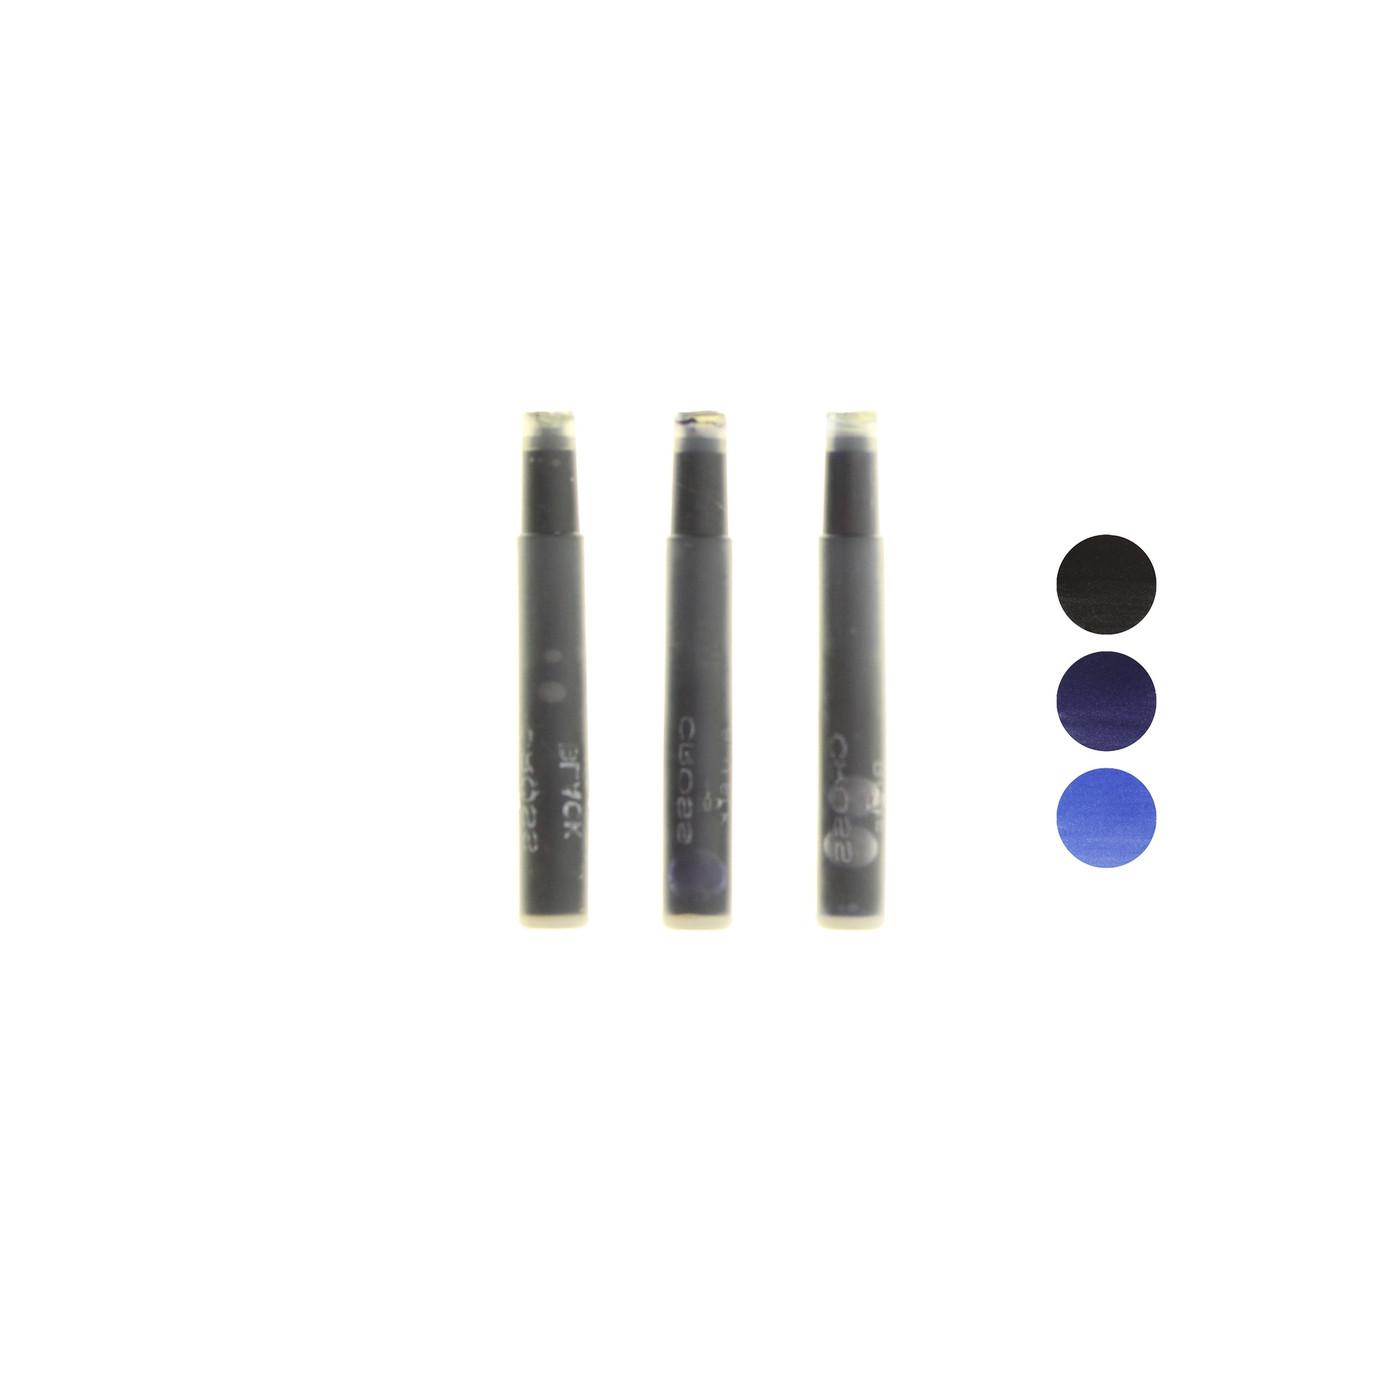 Cross fountain pen ink cartridges - SLIM